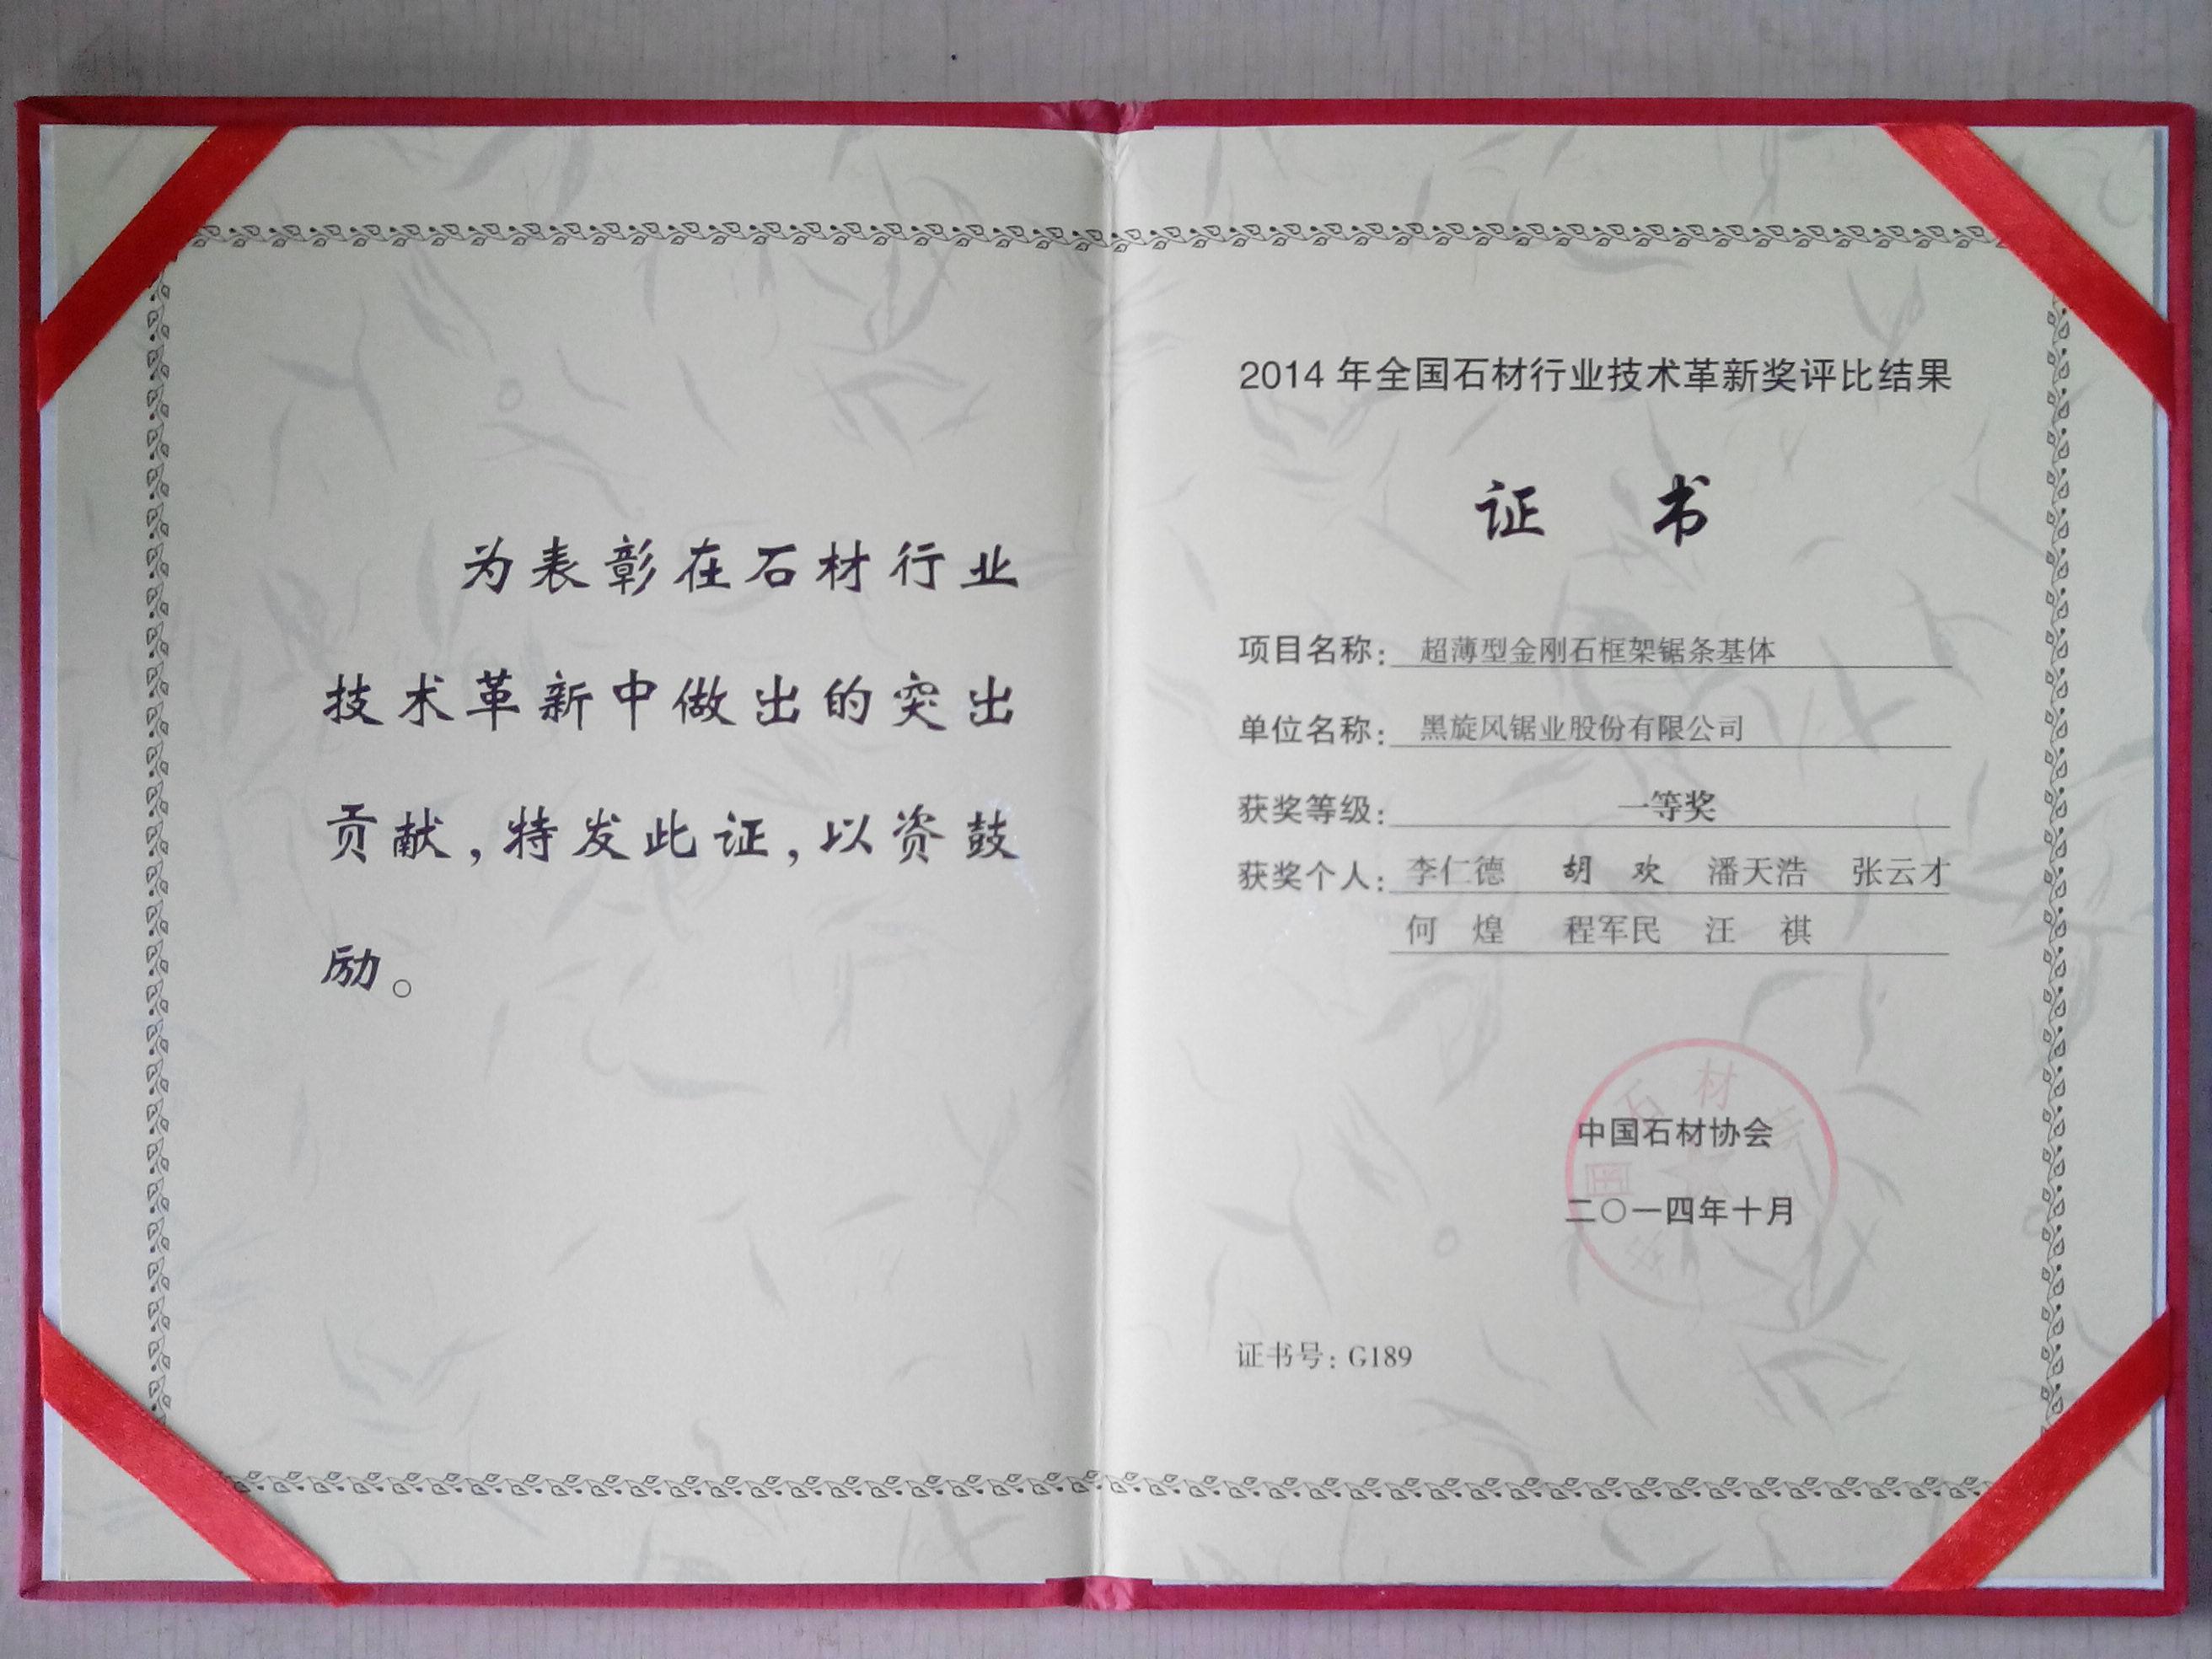 12.2014全國石材行業技術革新獎一等獎